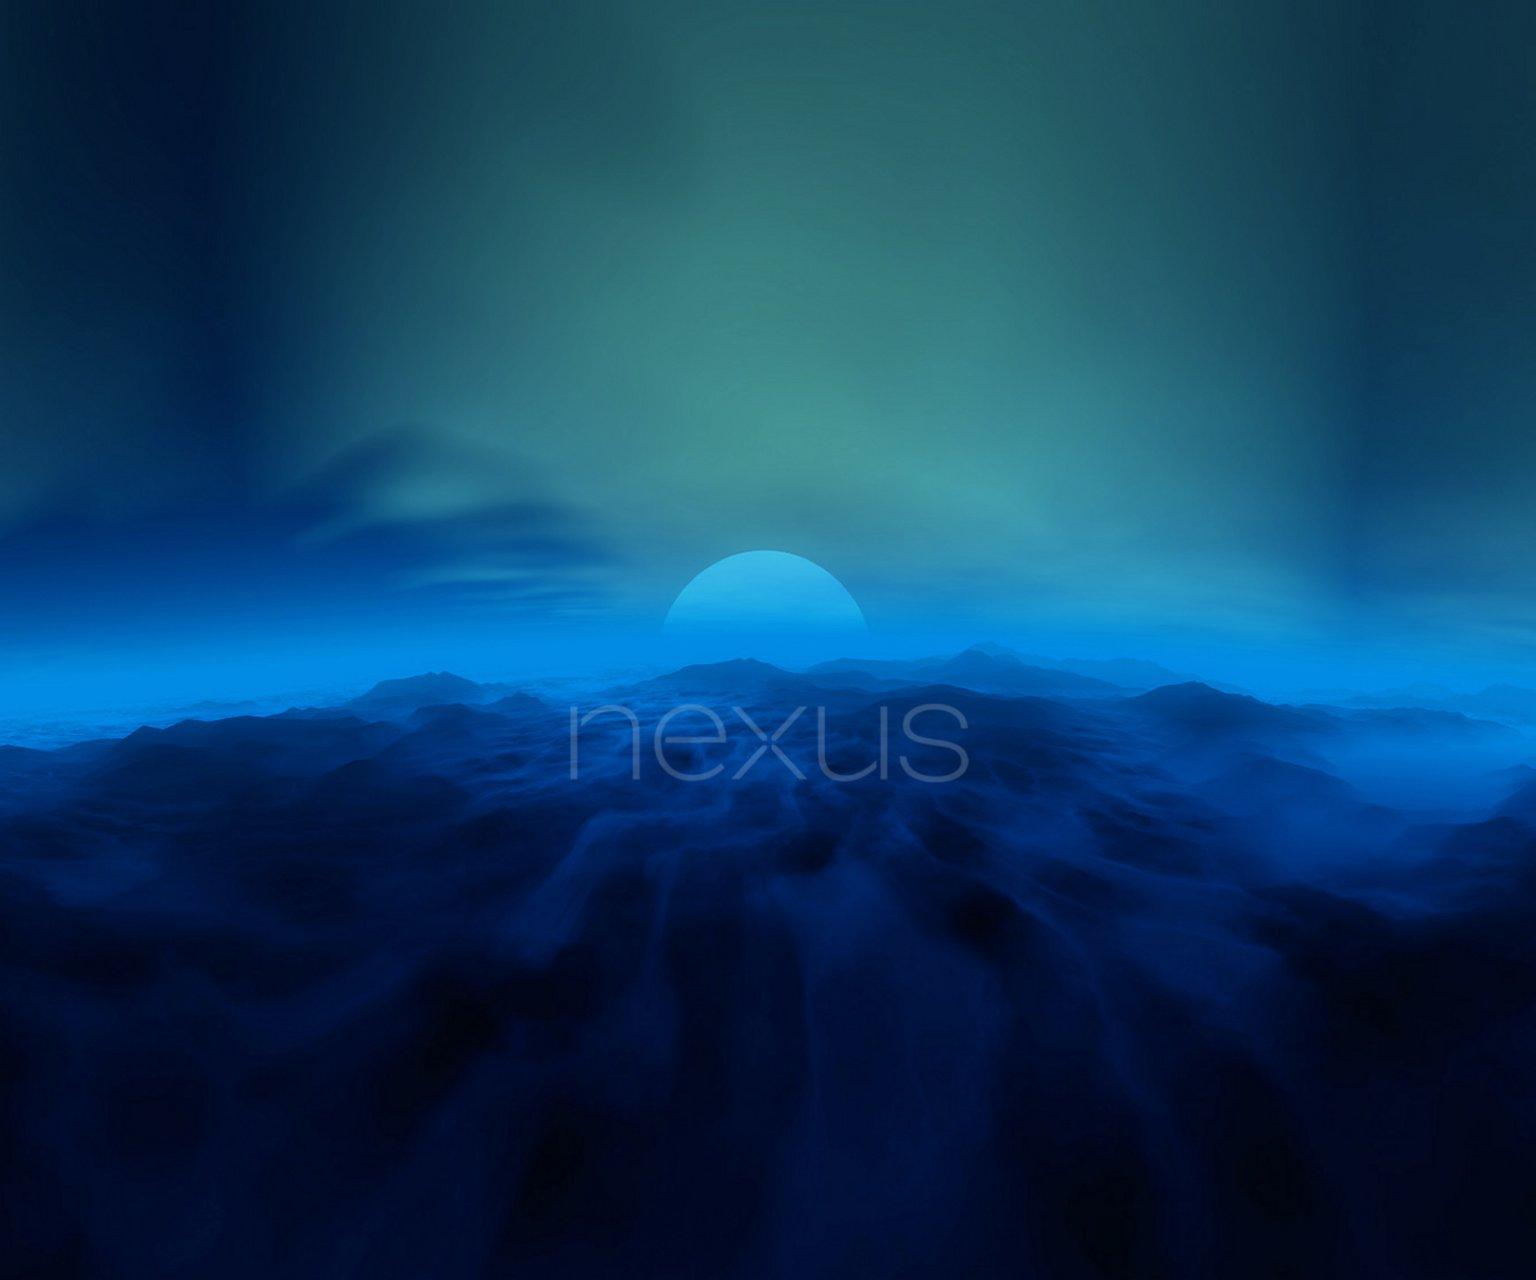 desktop wallpaper nexus - wallpapersafari